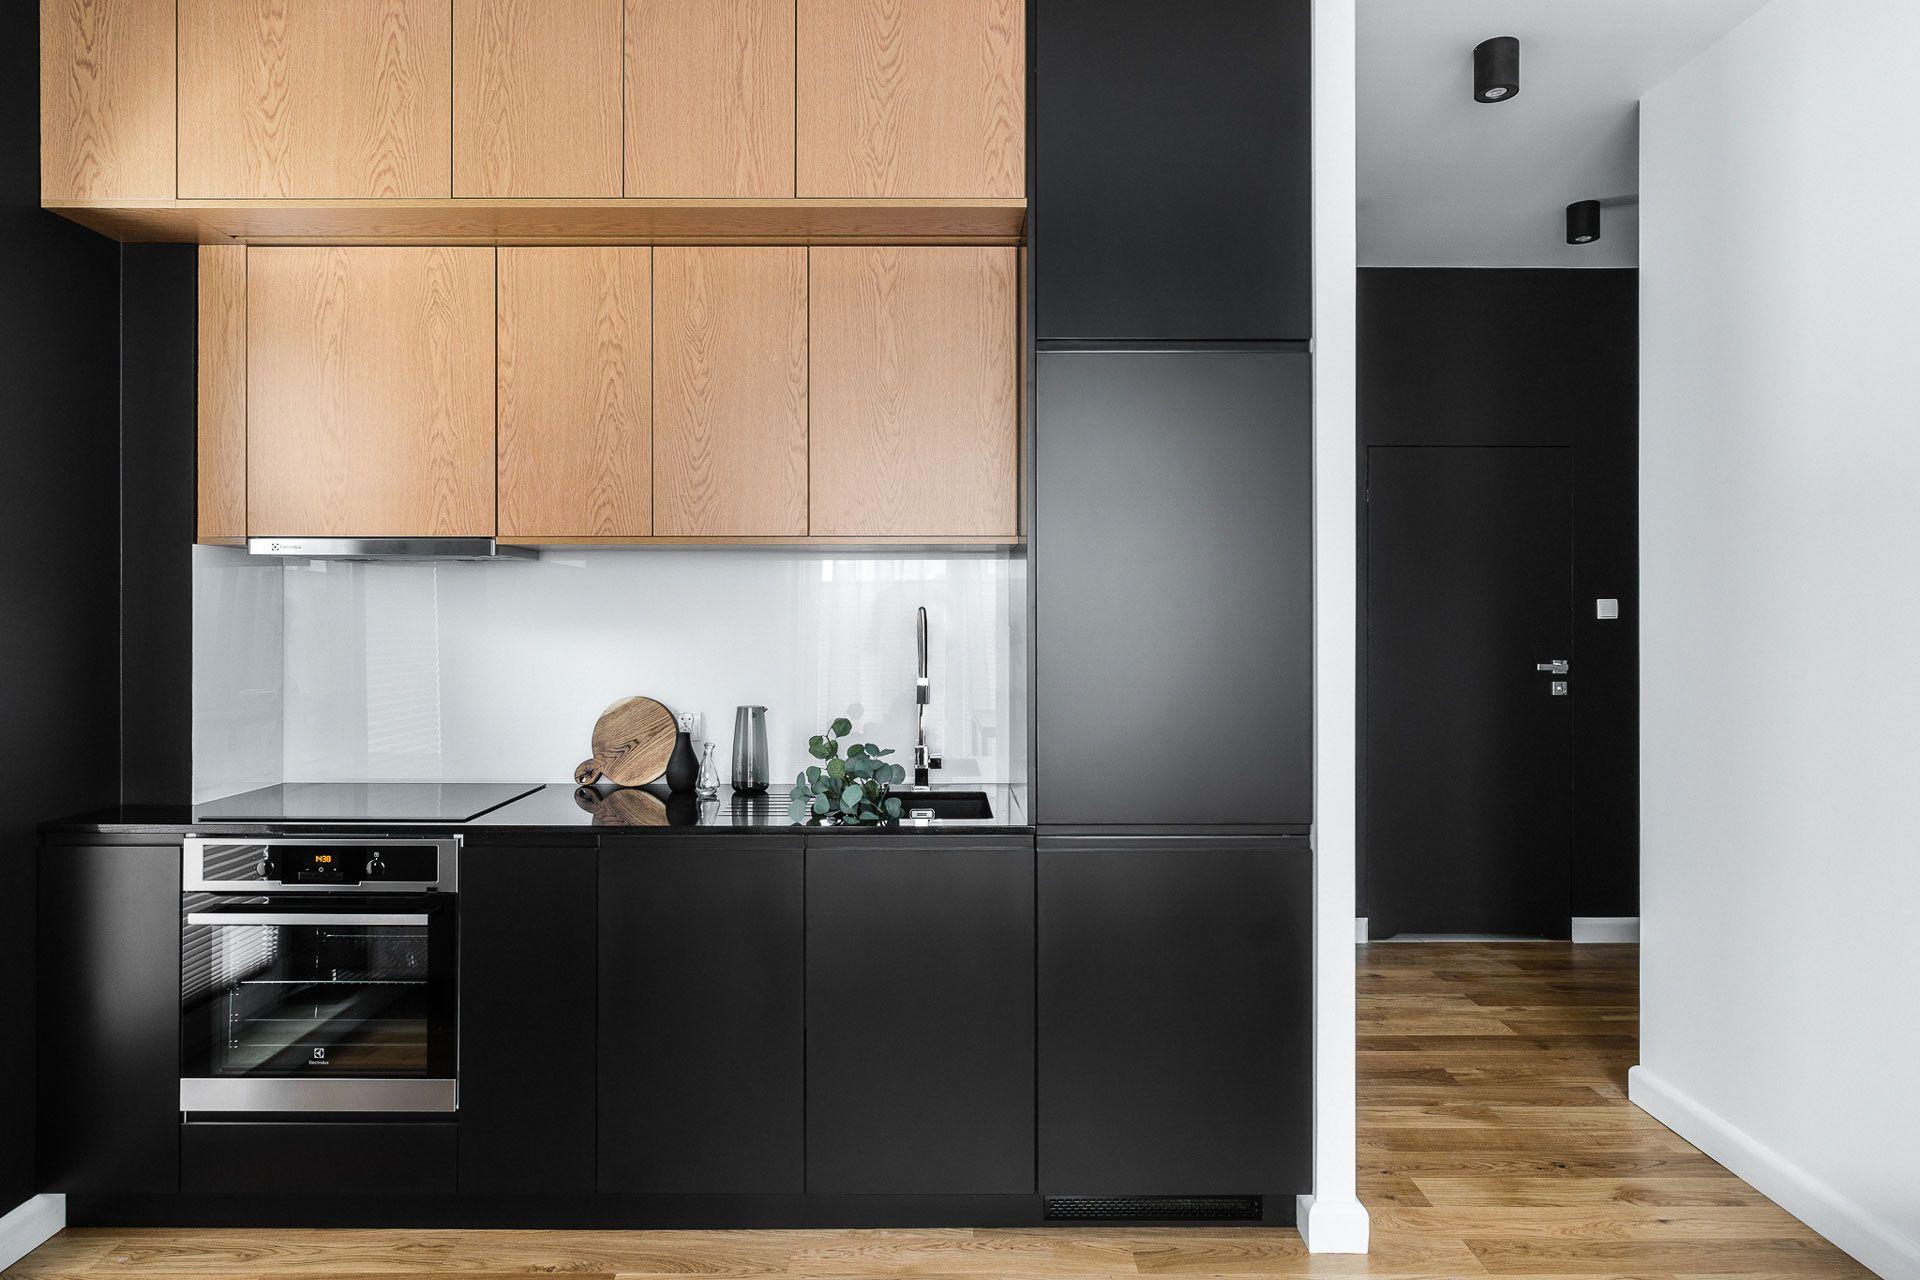 Mieszkanie Na Wynajem 1 Anna Maria Sokolowska Architektura Wnetrz Tall Cabinet Storage Kitchen Cabinets Home Decor